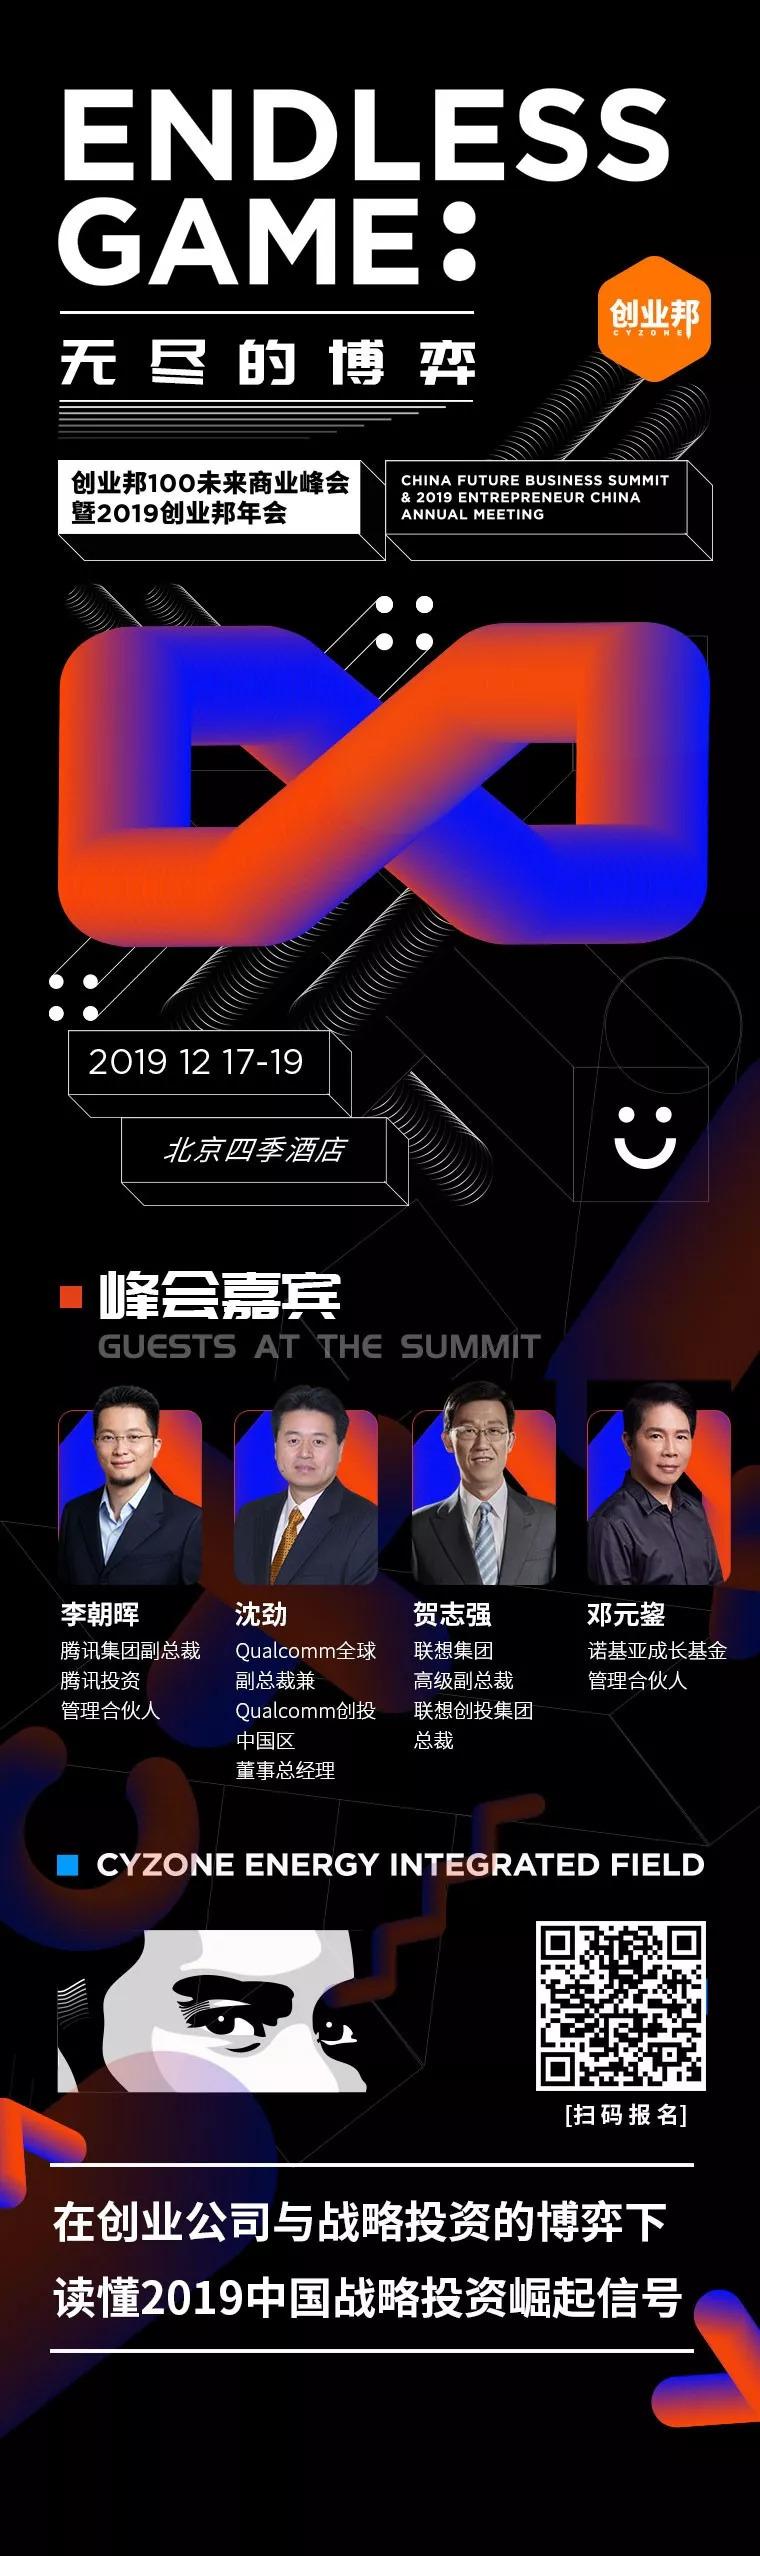 在创业公司与战略投资的博弈下,见证2019中国战投的崛起